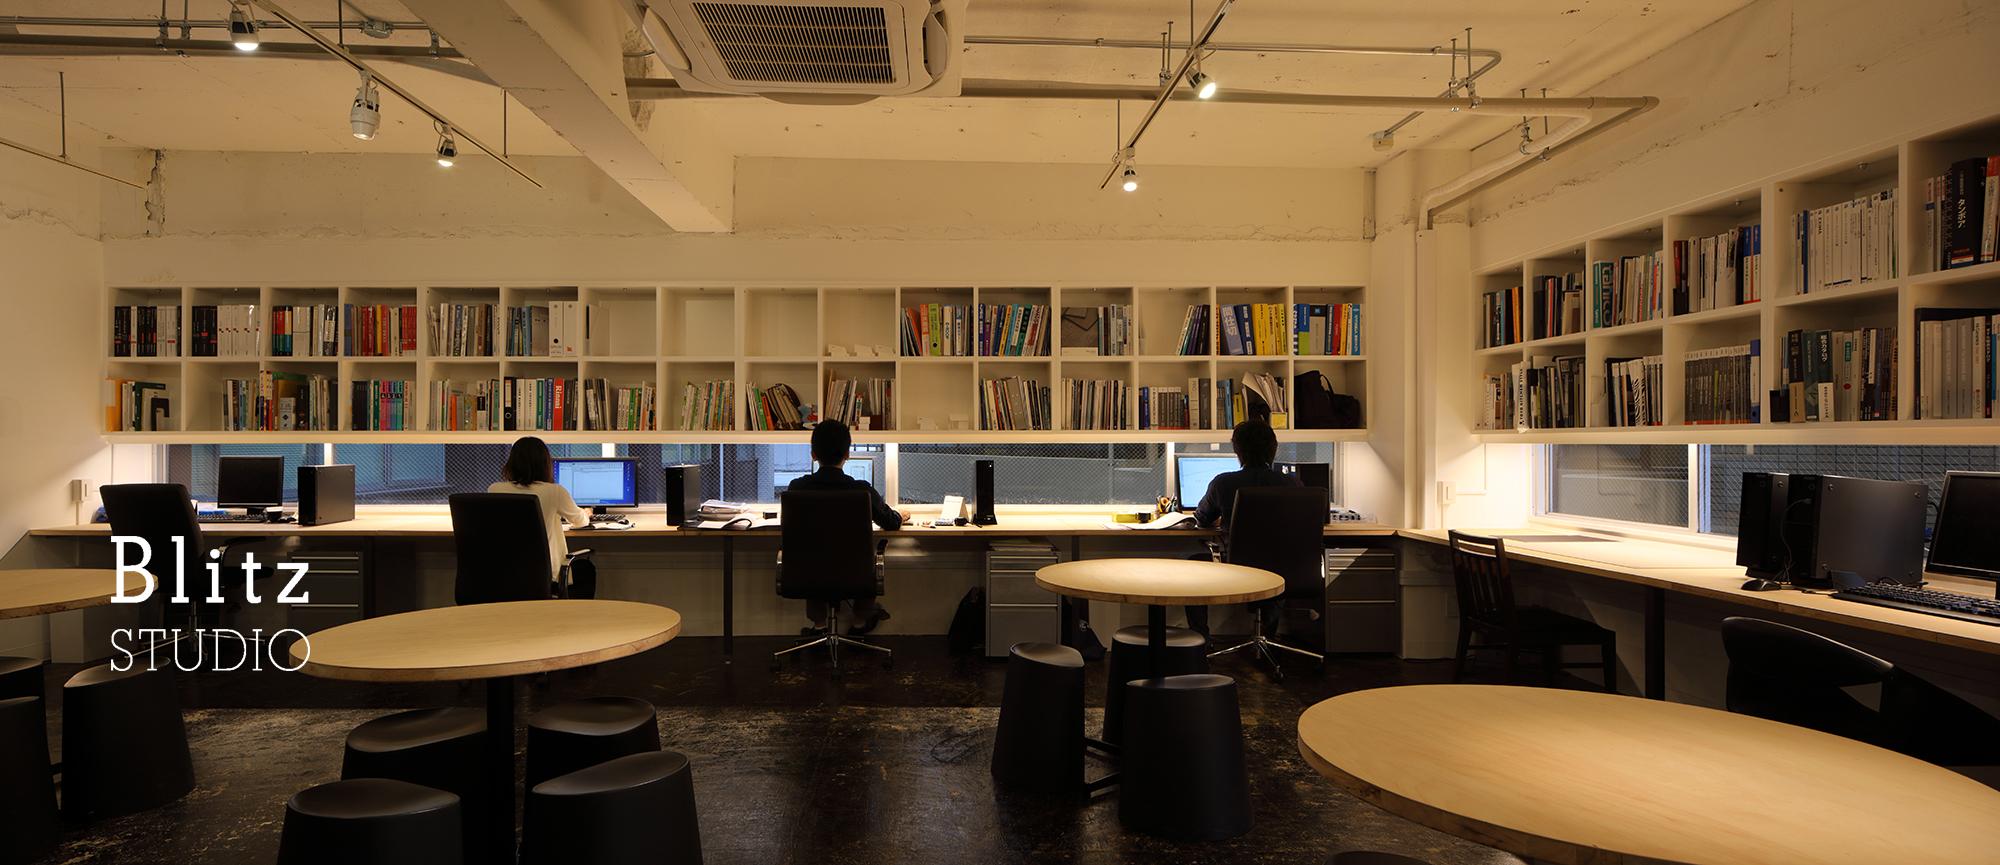 『アーキタンツ福岡一級建築士事務所 オフィス』建築写真・竣工写真・インテリア写真8